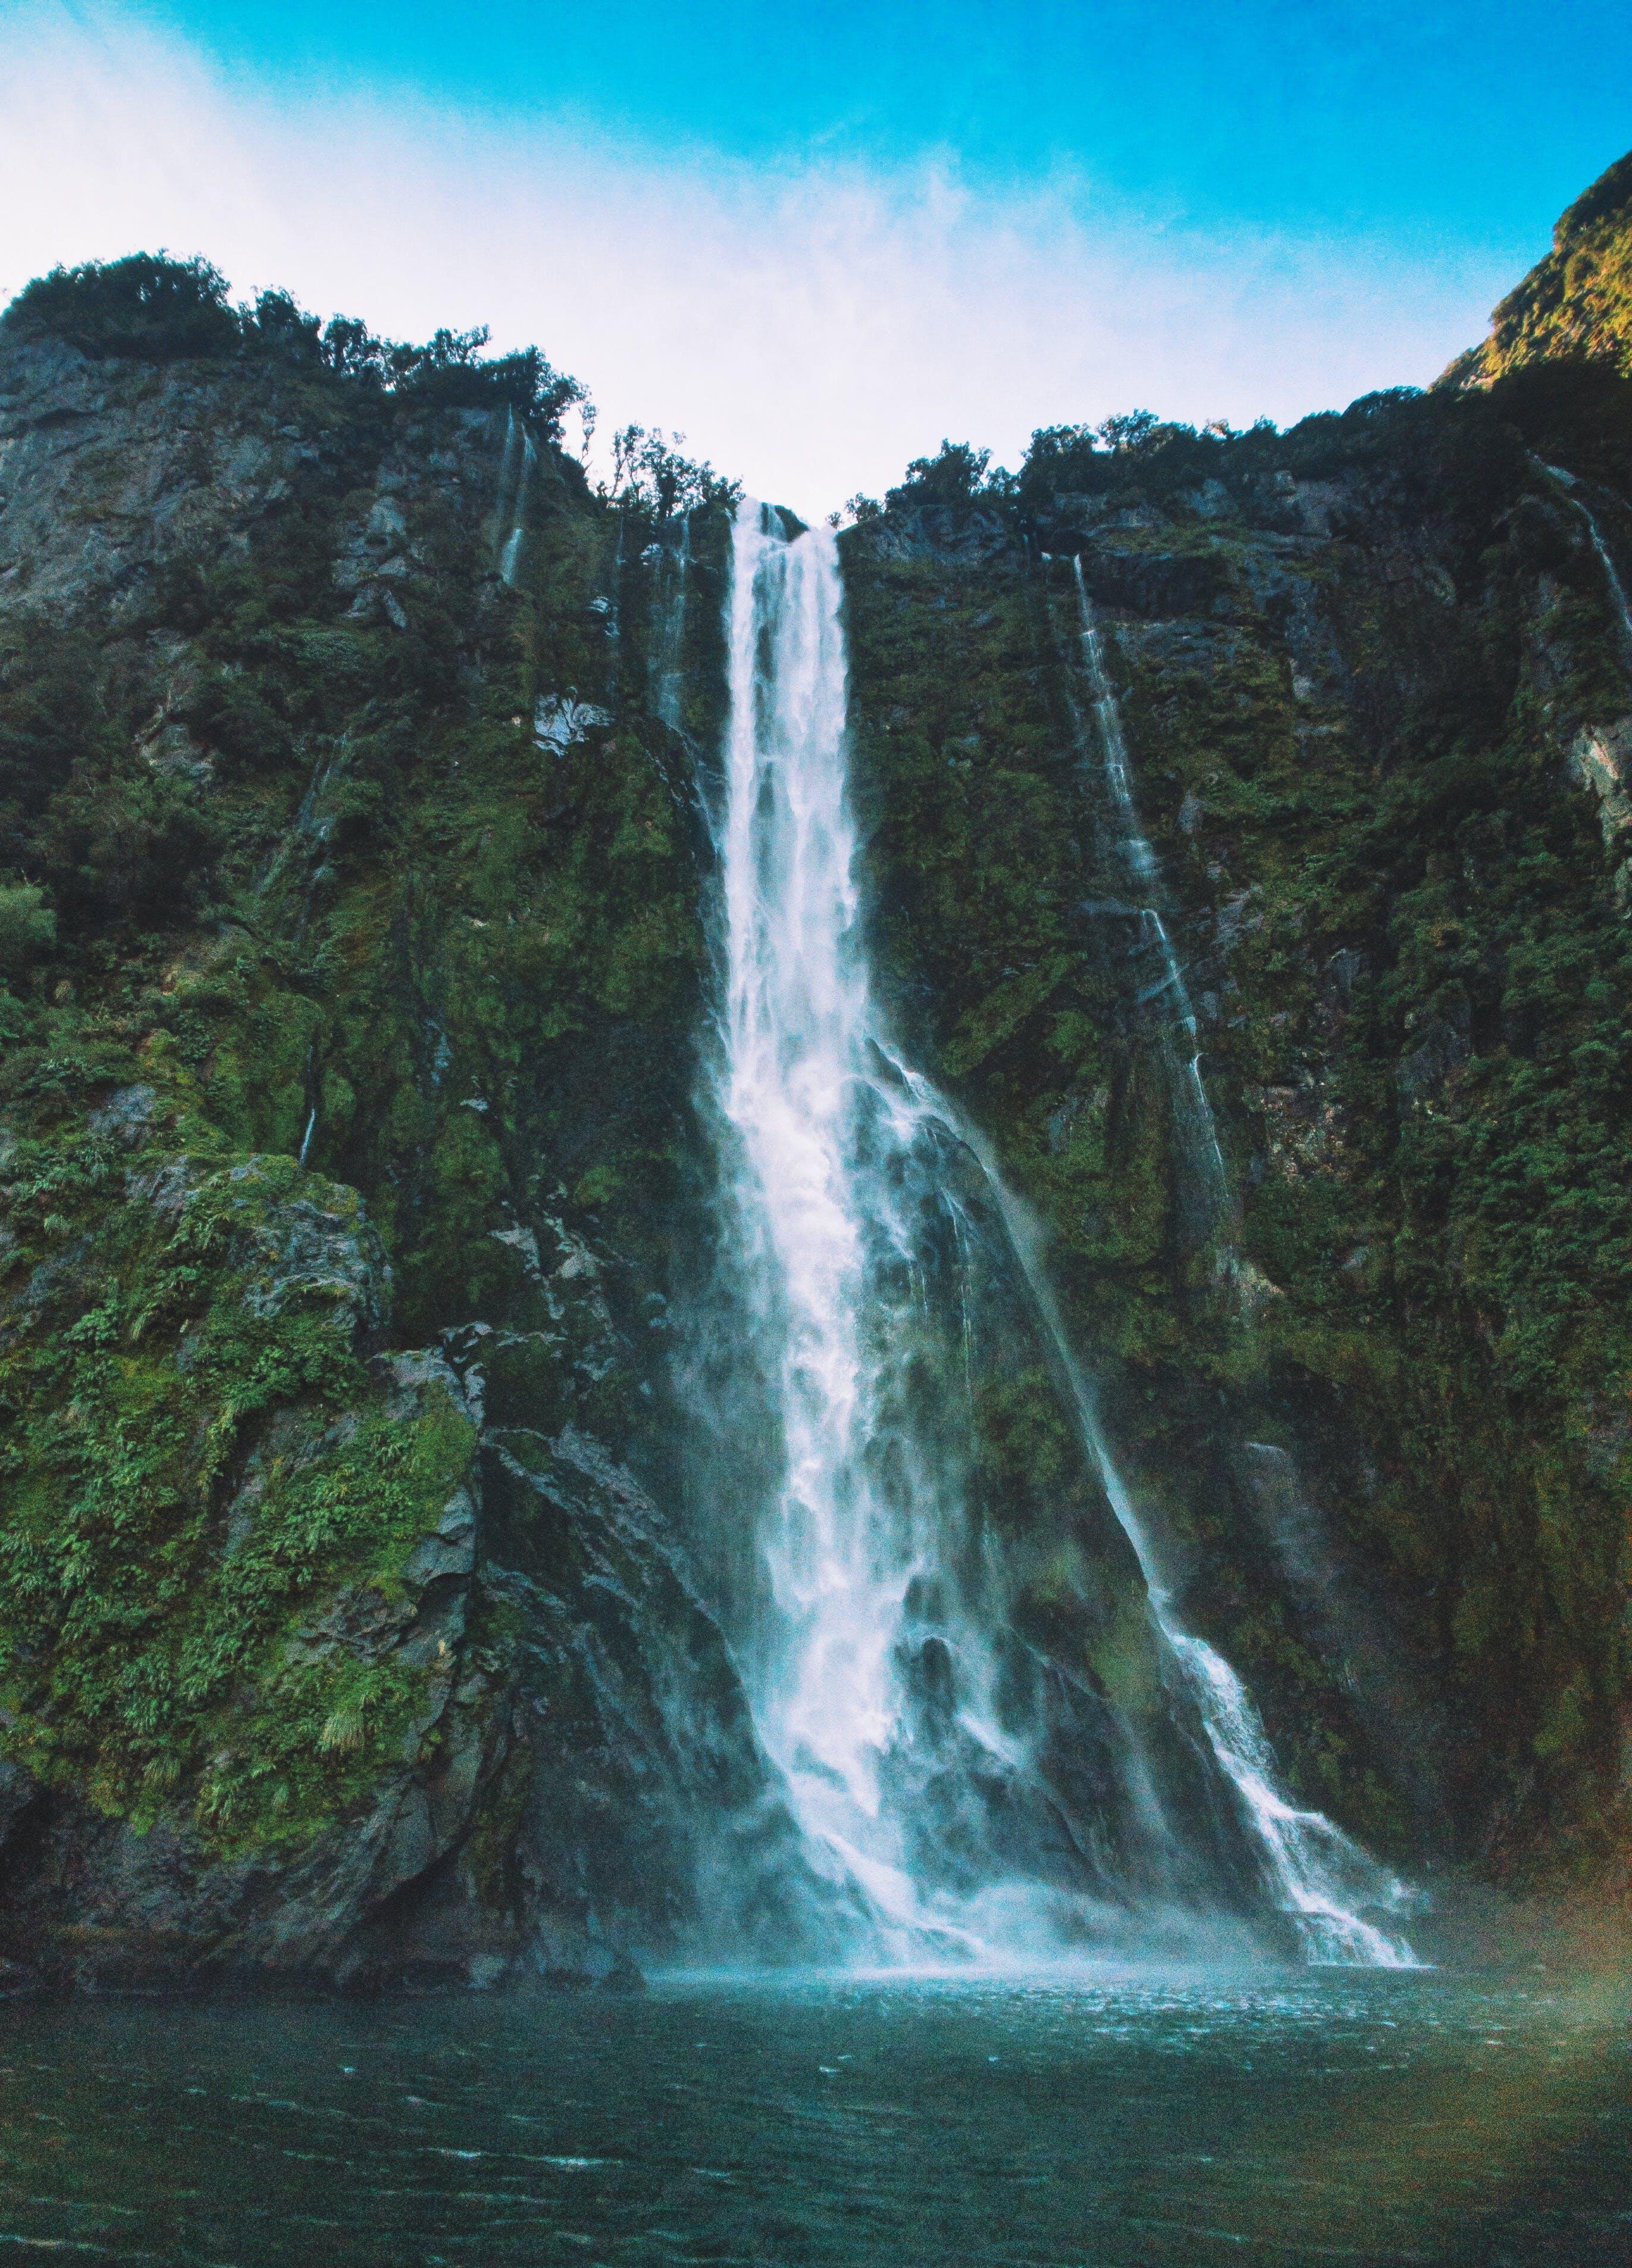 Kostnadsfri bild av bäck, dagsljus, kaskad, natur